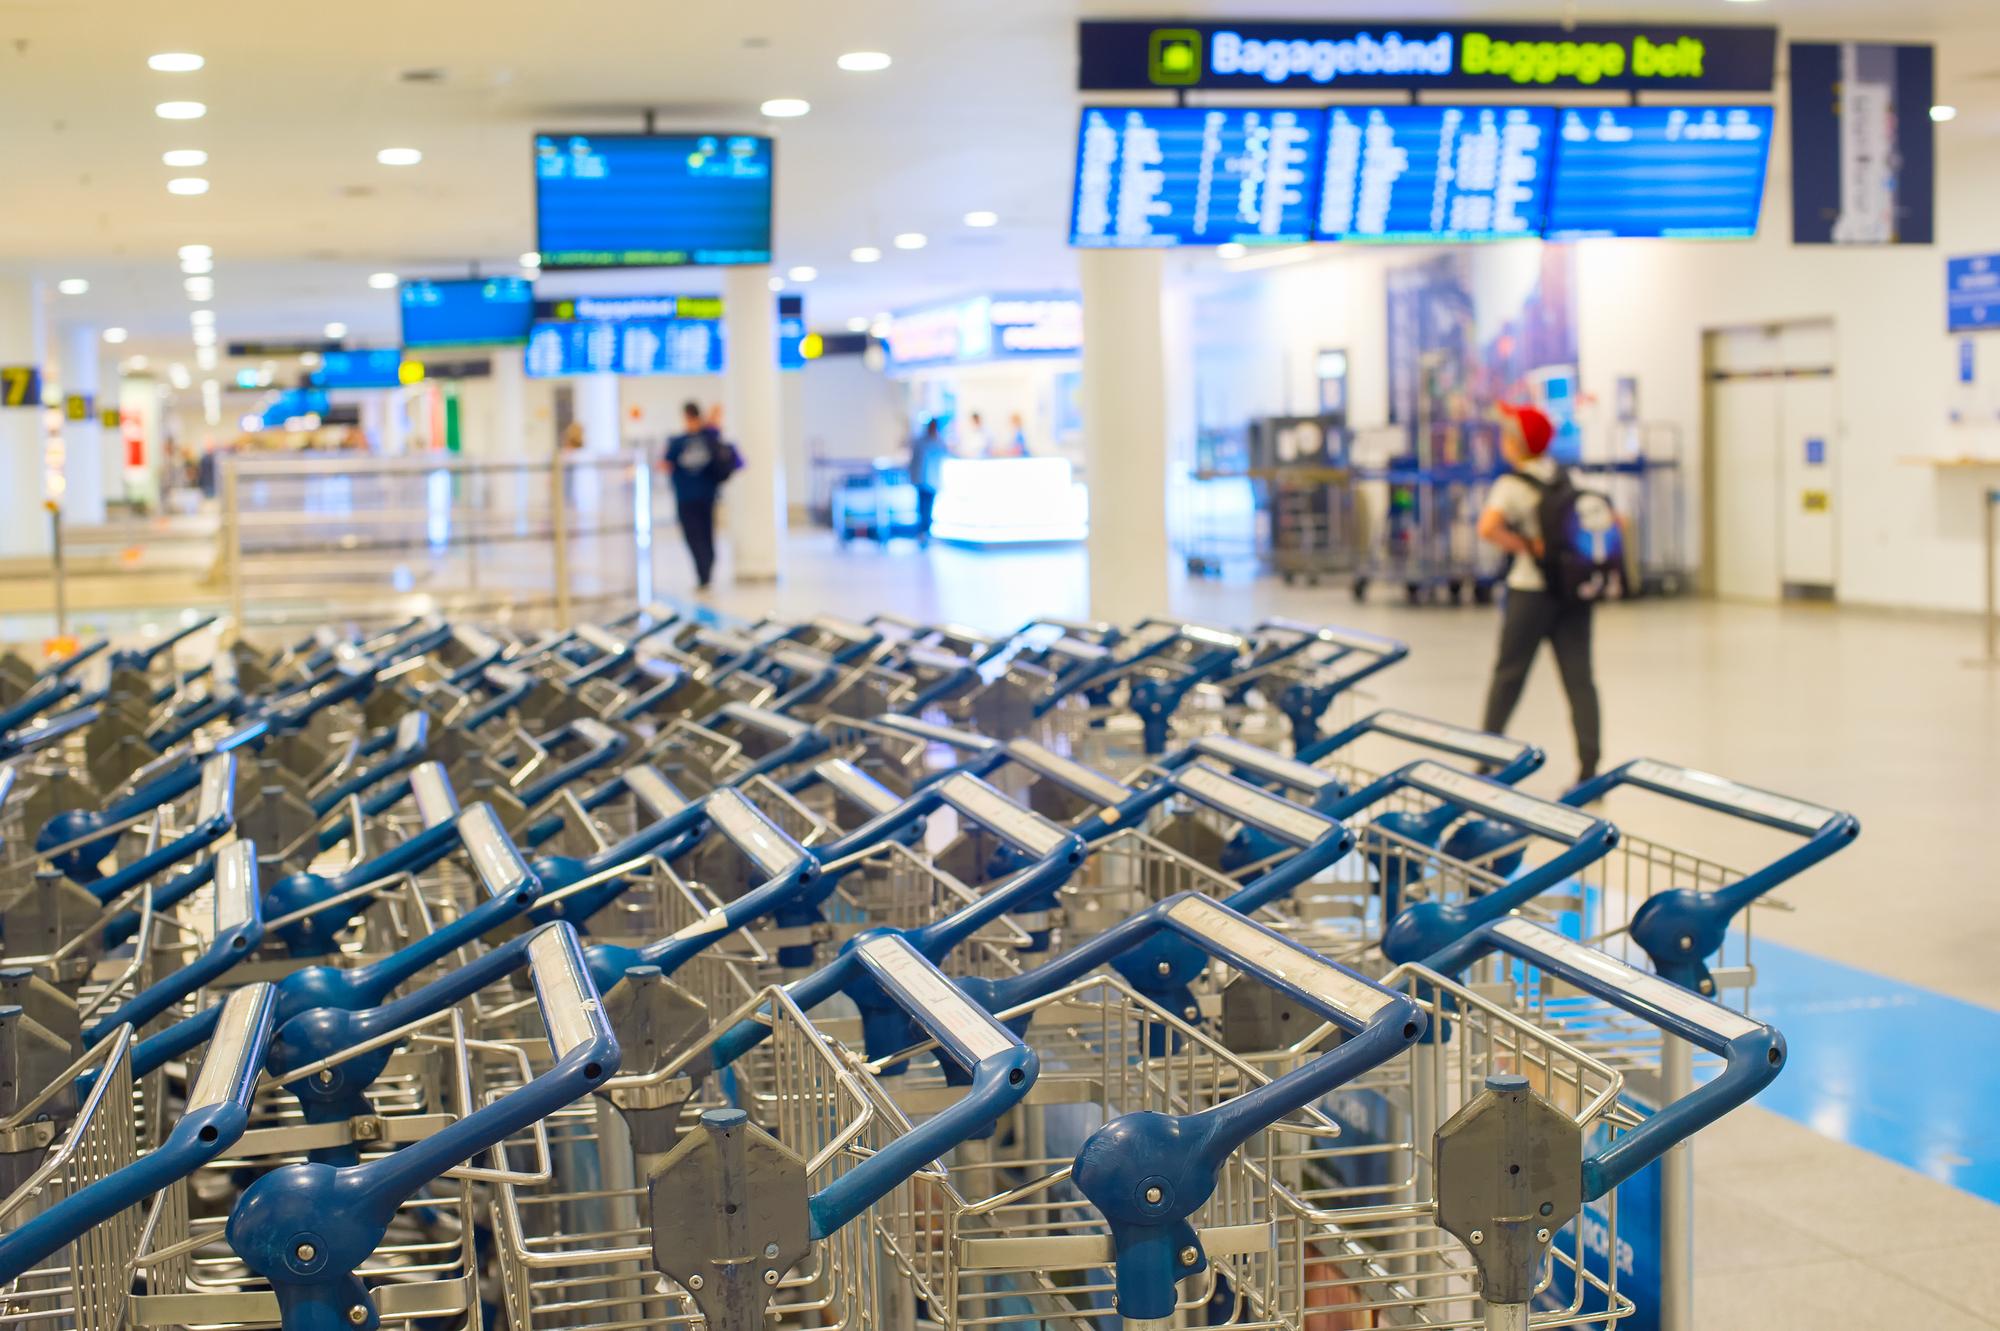 København Lufthavn